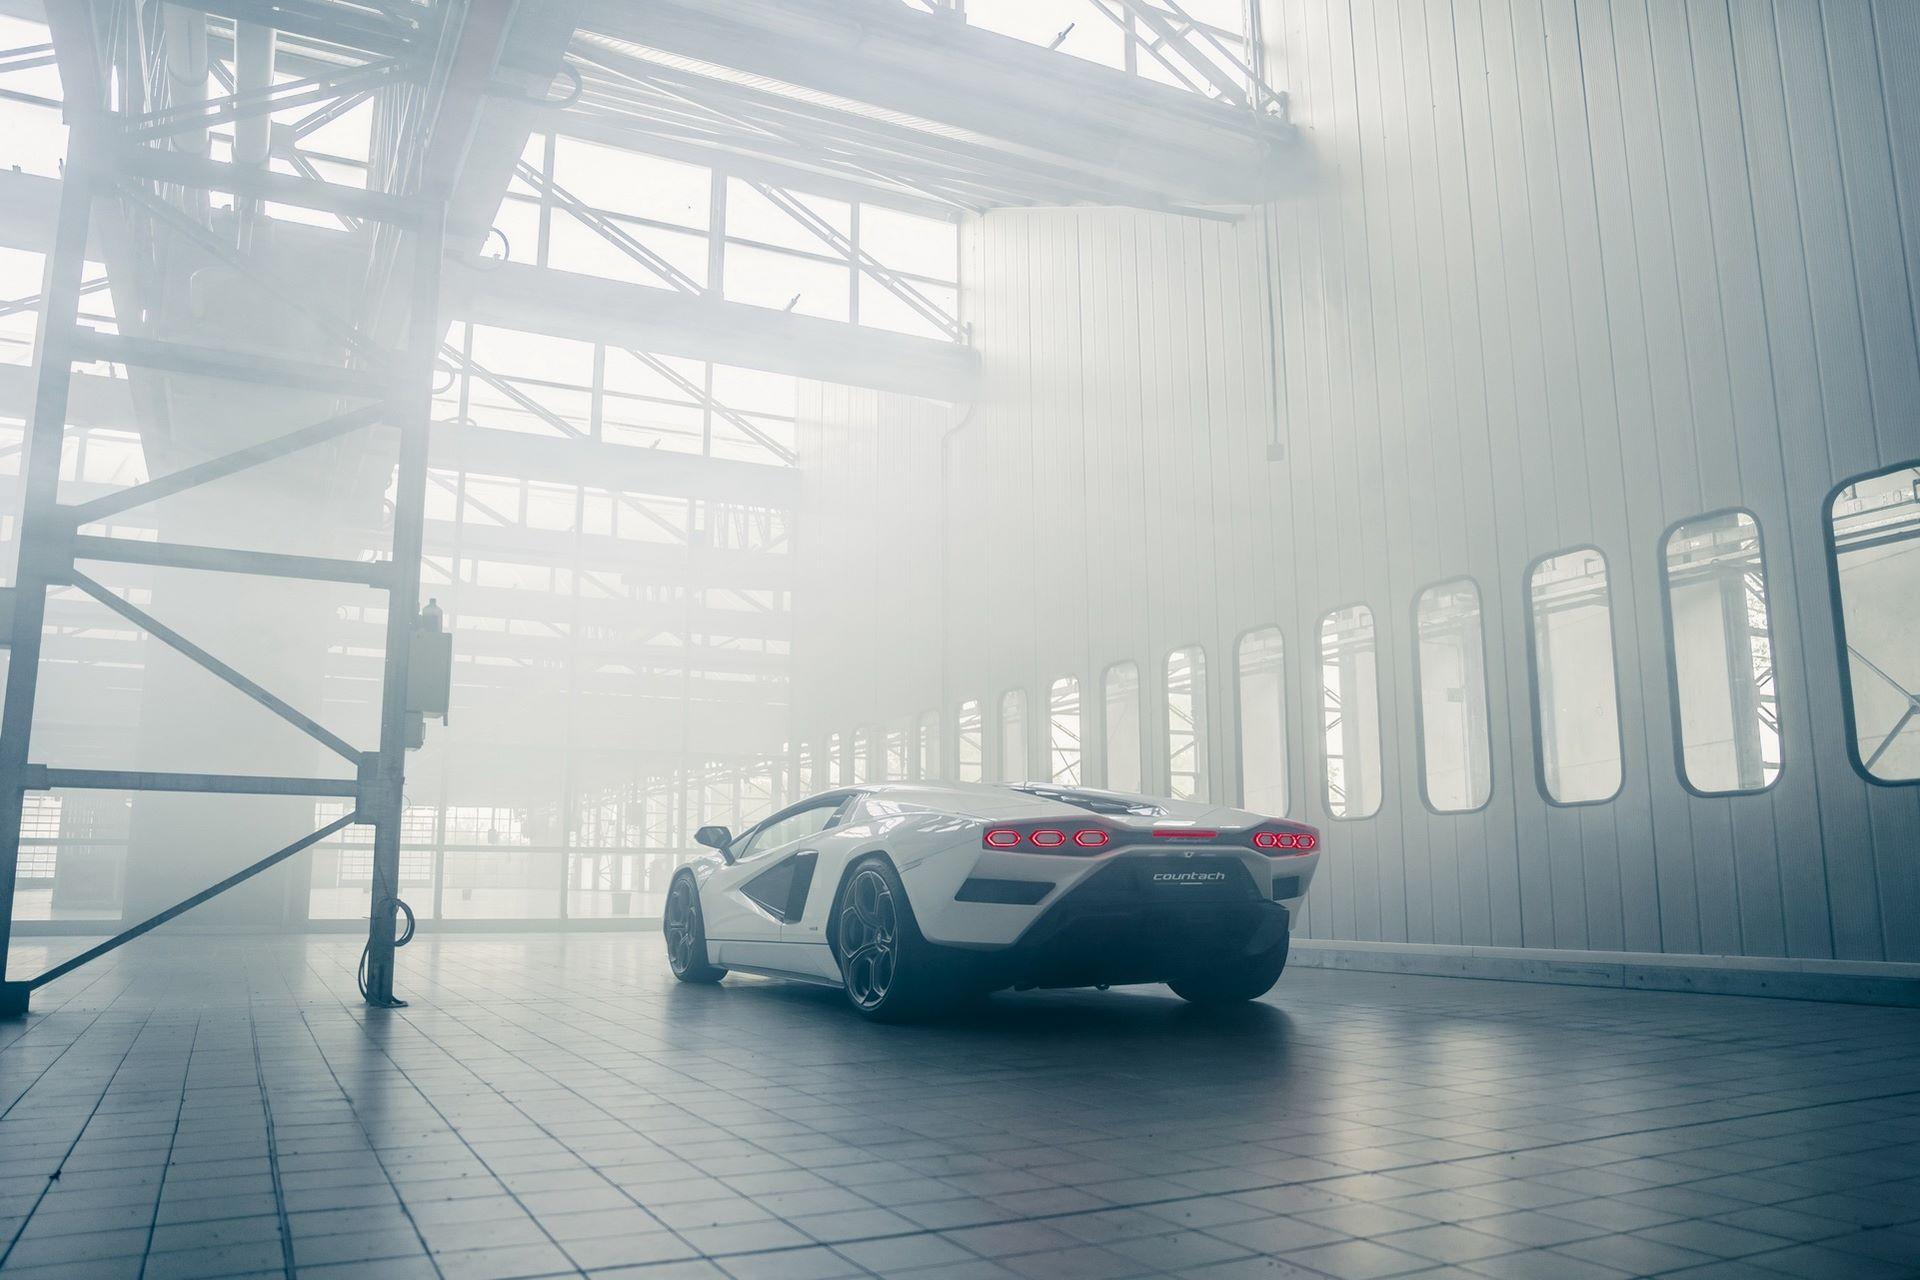 Lamborghini-Countach-LPI-800-4-62